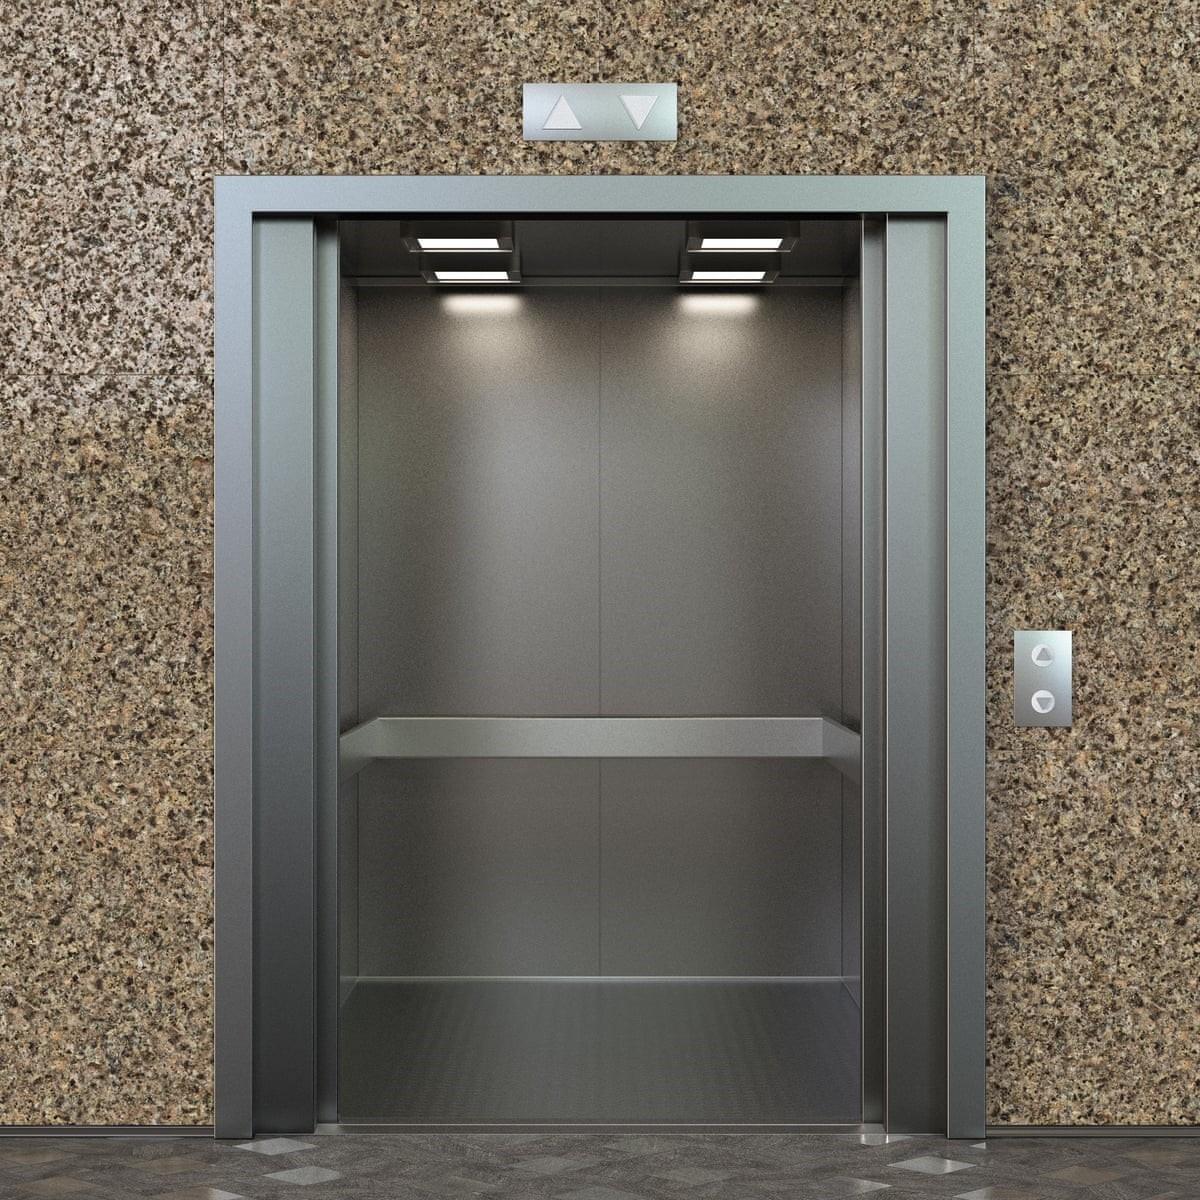 آسانسور در ایران,تاریخچه آسانسور در جهان,تاریخچه صنعت آسانسور